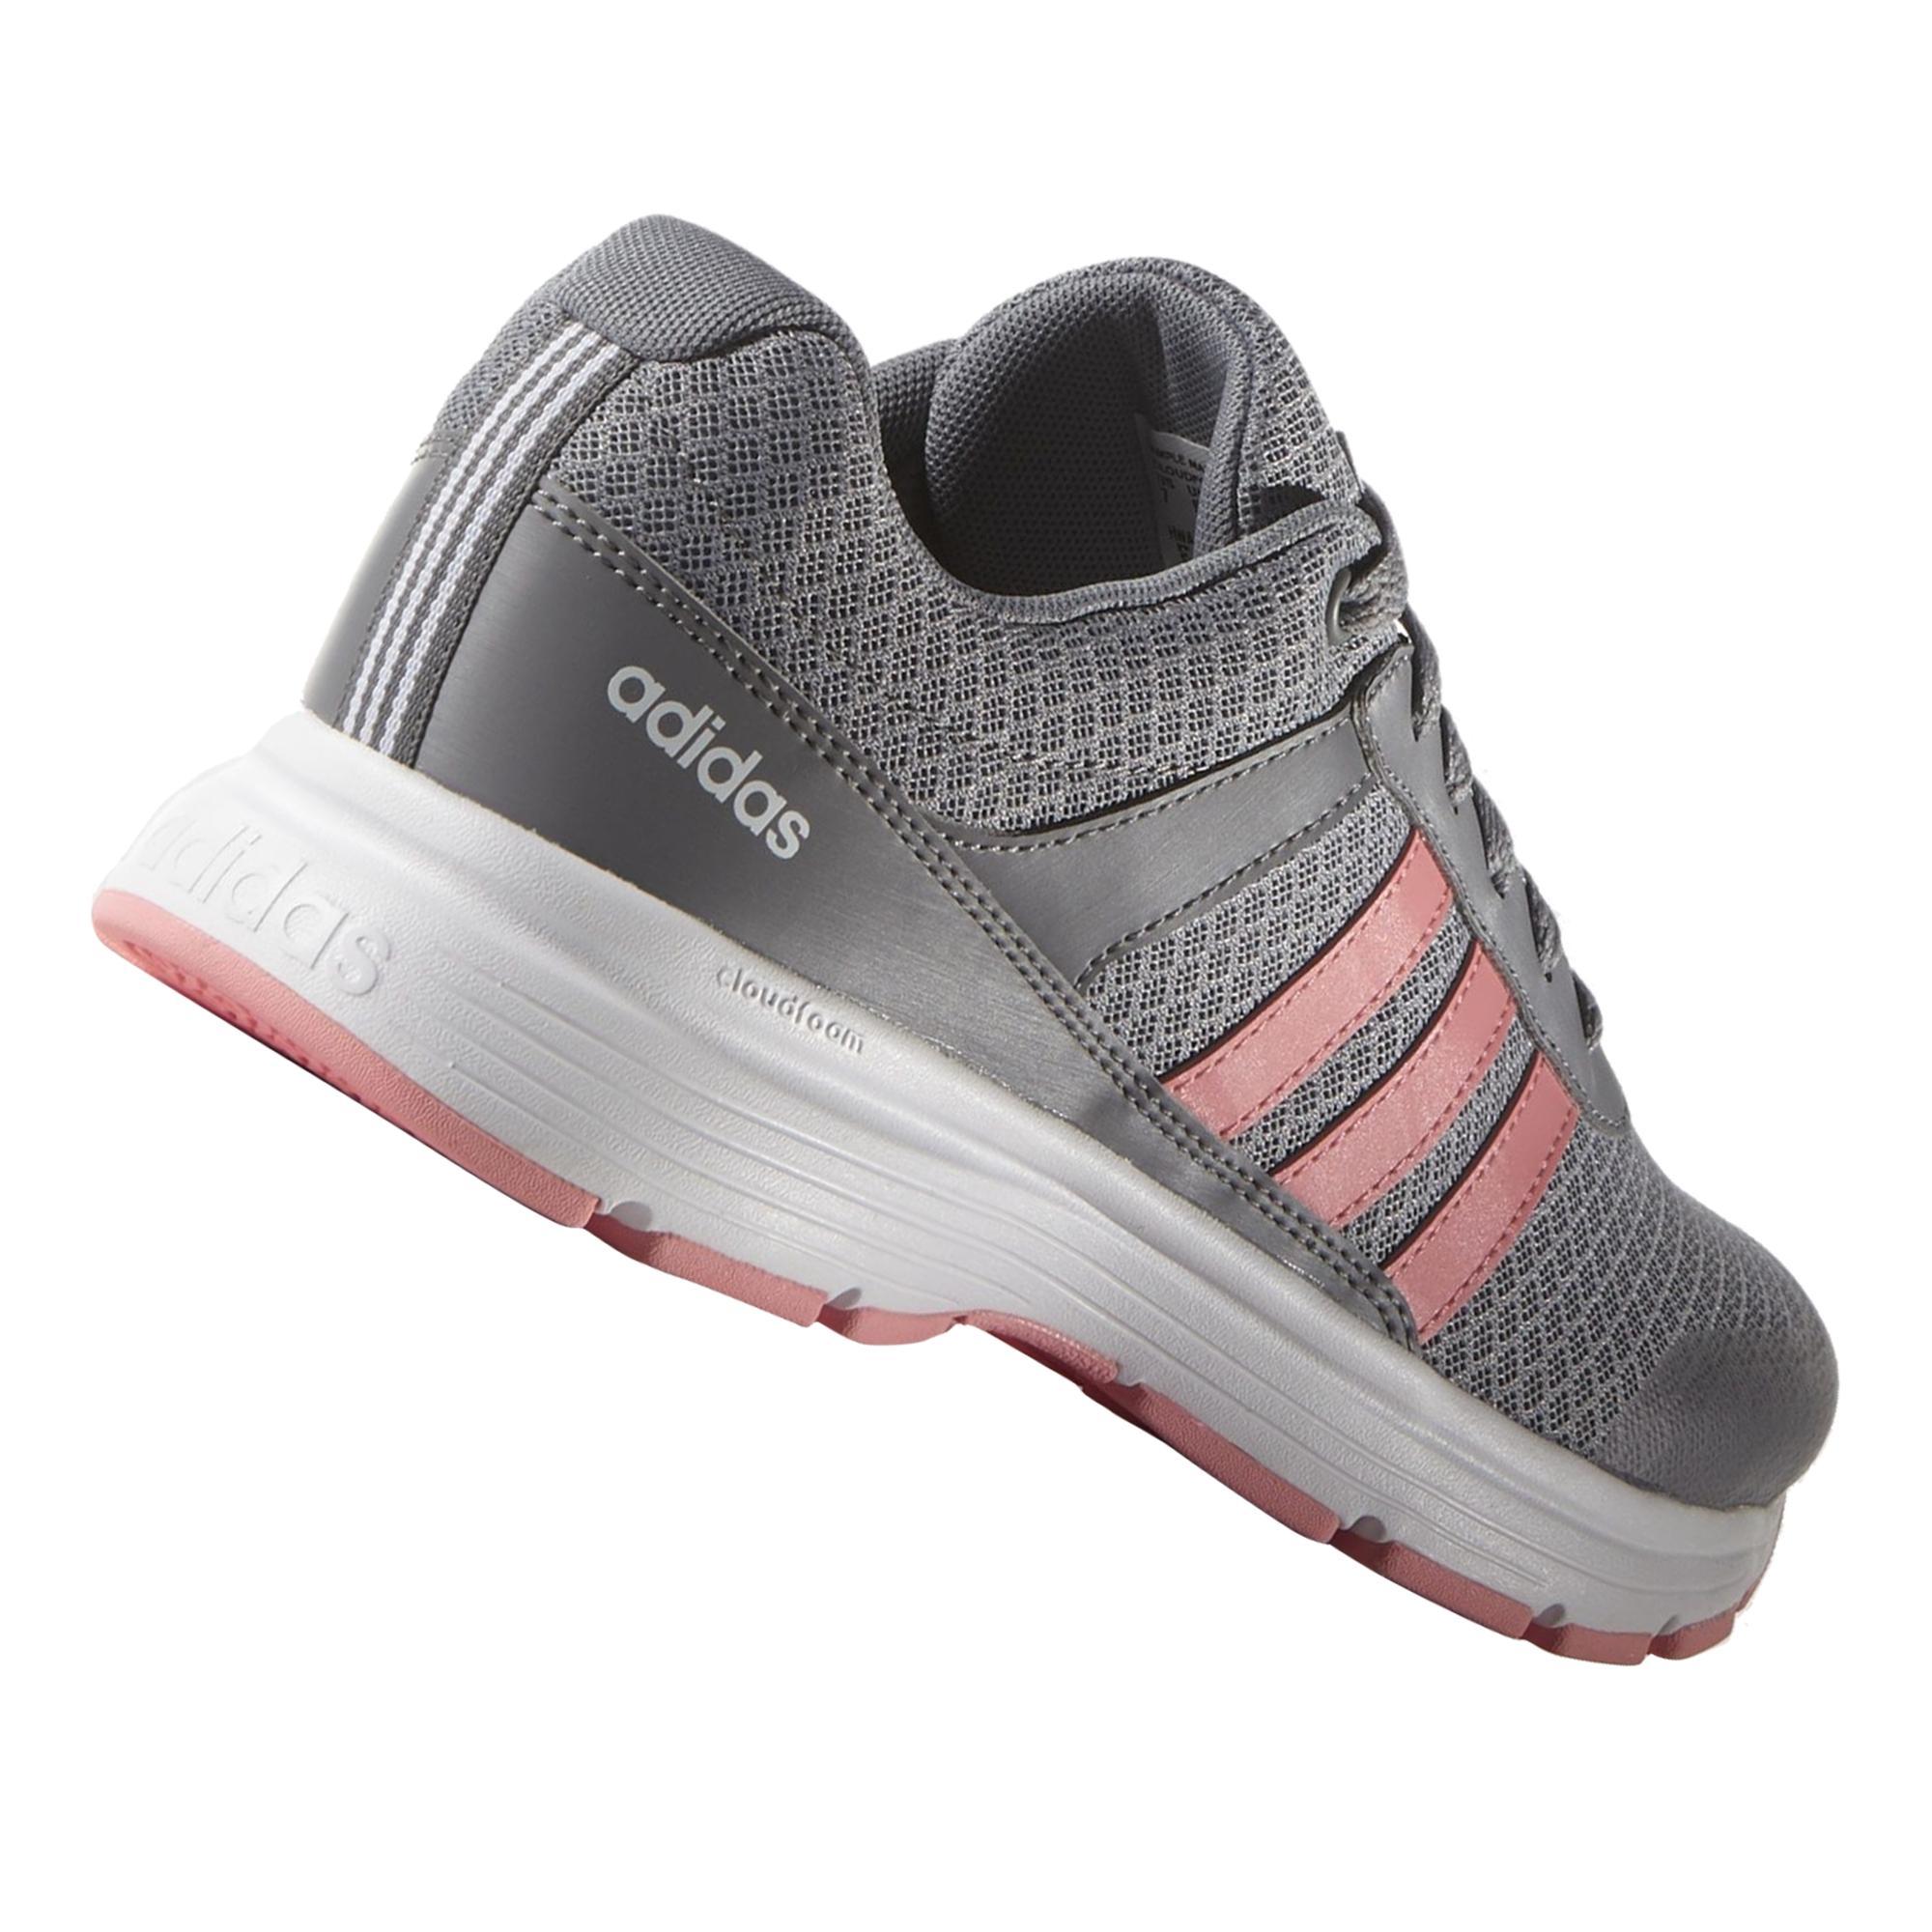 Adidas bayan spor ayakkabı